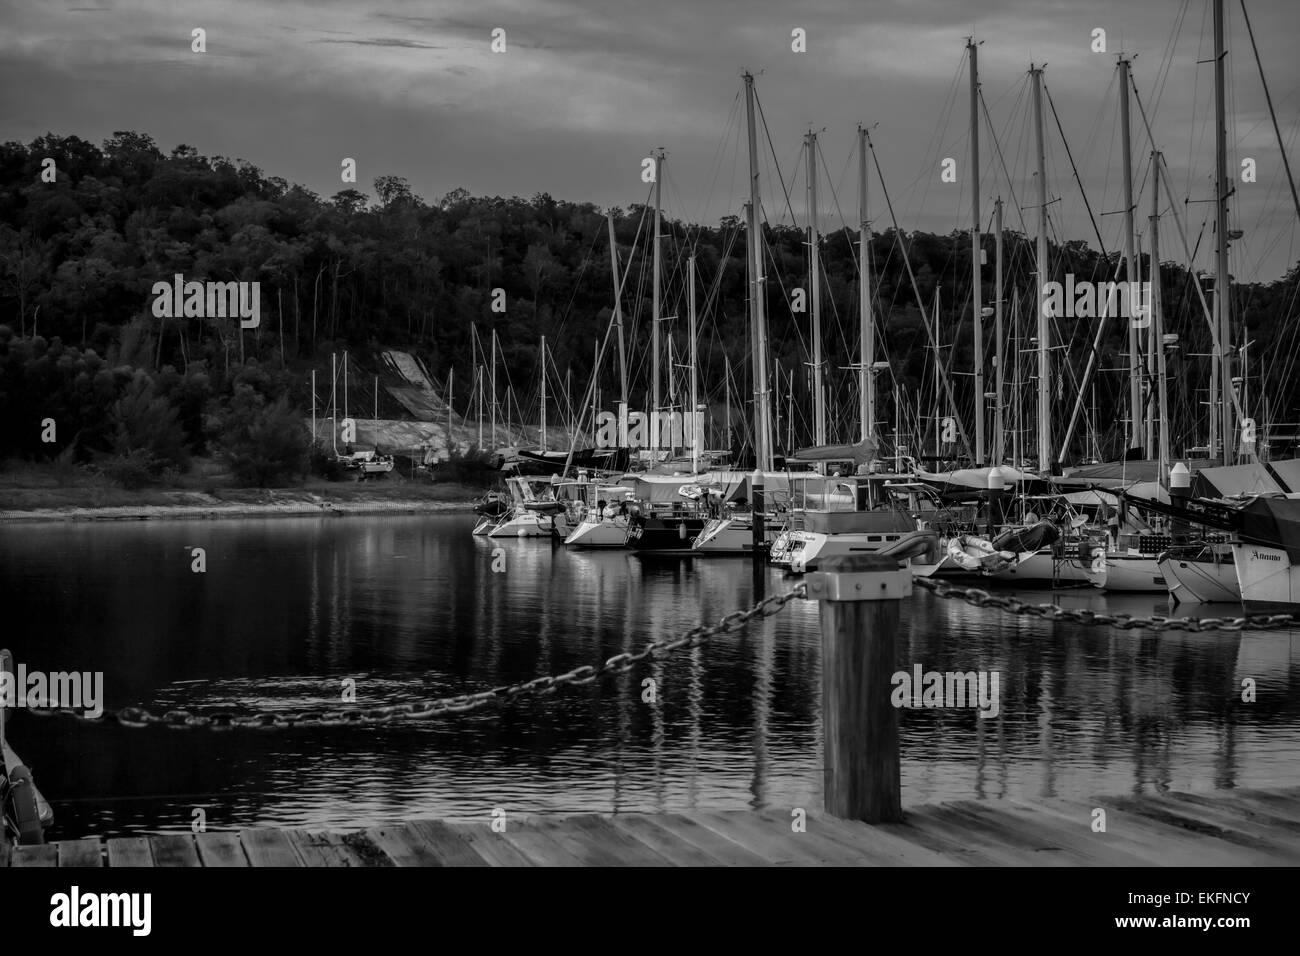 Island marina boats docked. - Stock Image